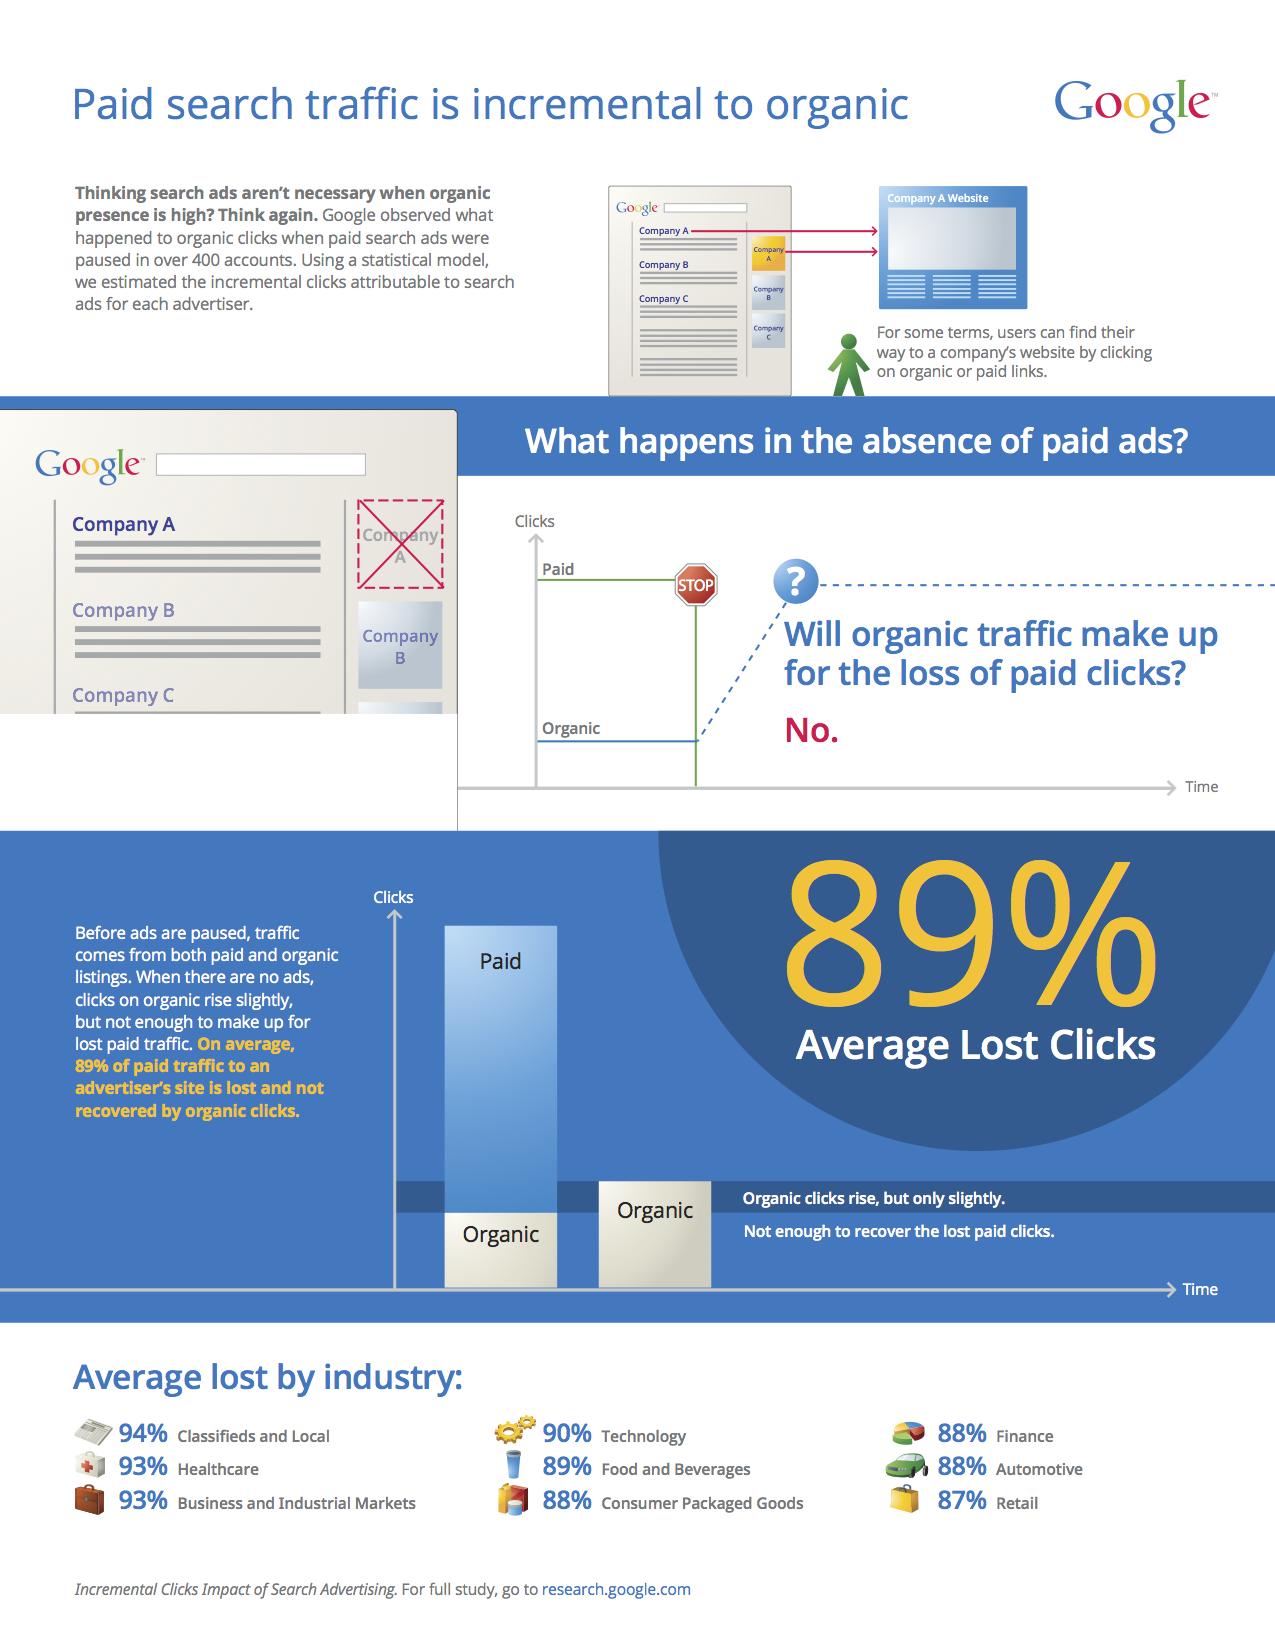 La recherche payante et recherche organique seraient intimement liées, selon Google